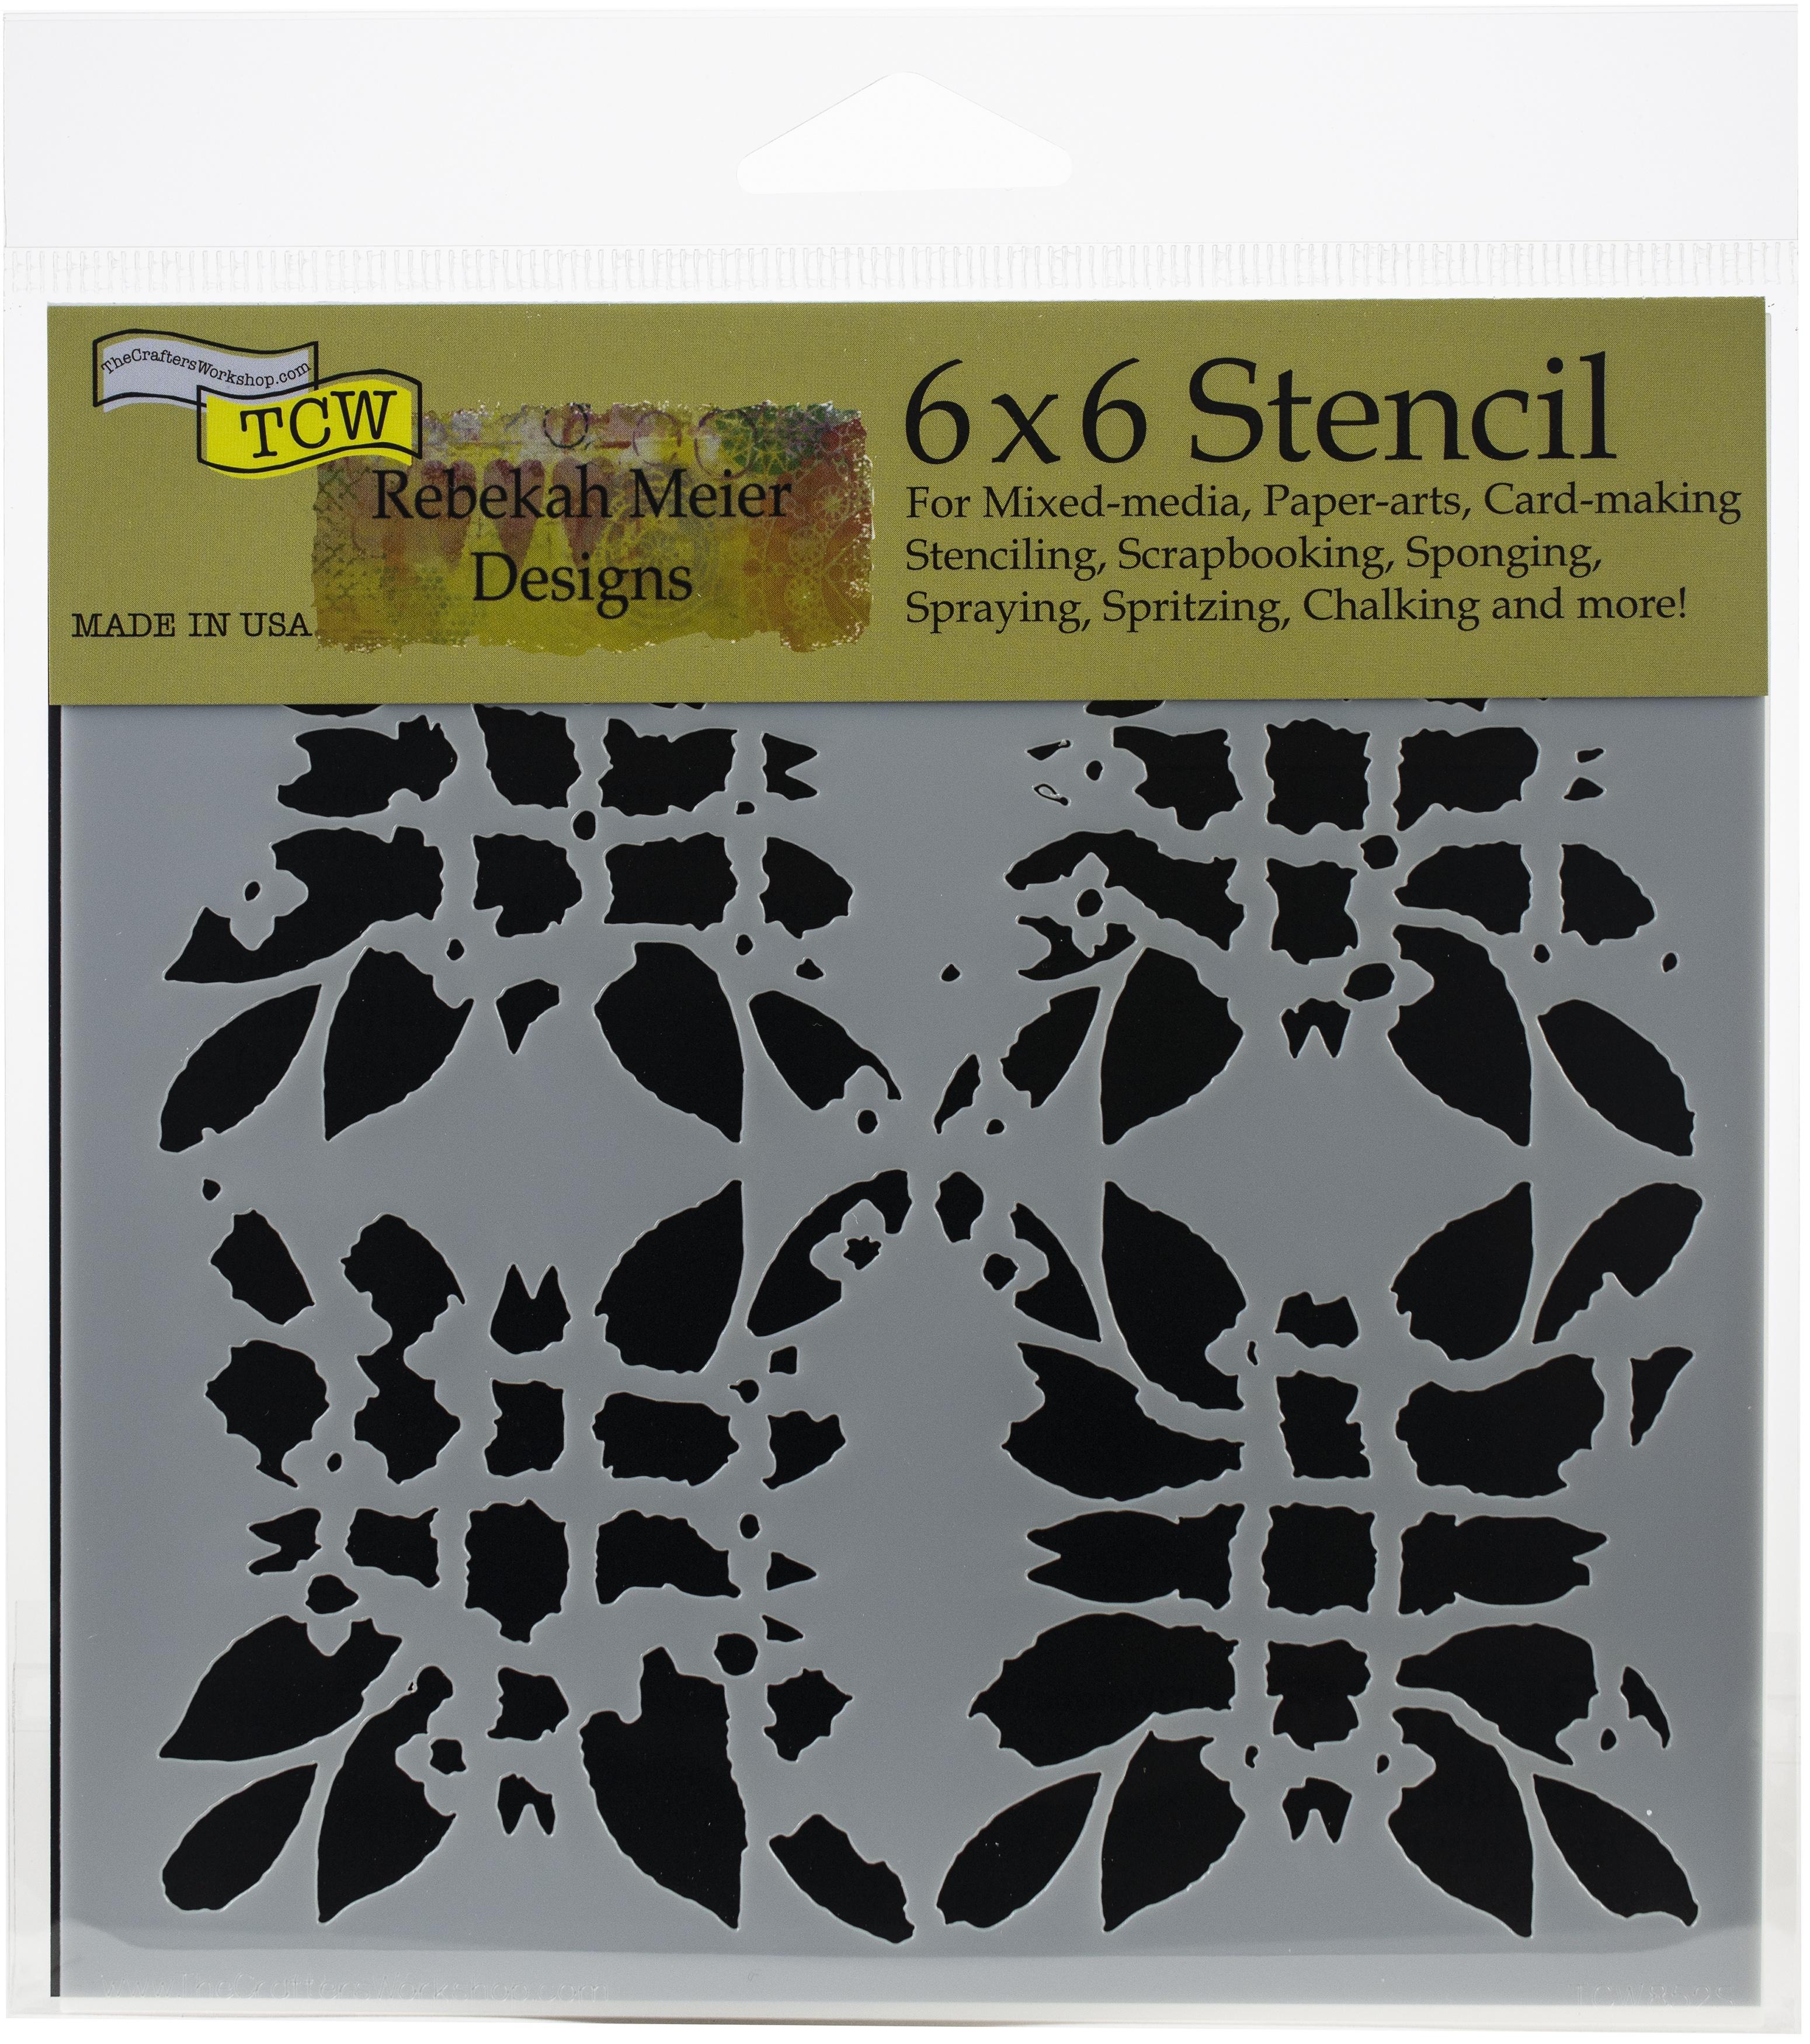 Ink Print 6x6 Stencil